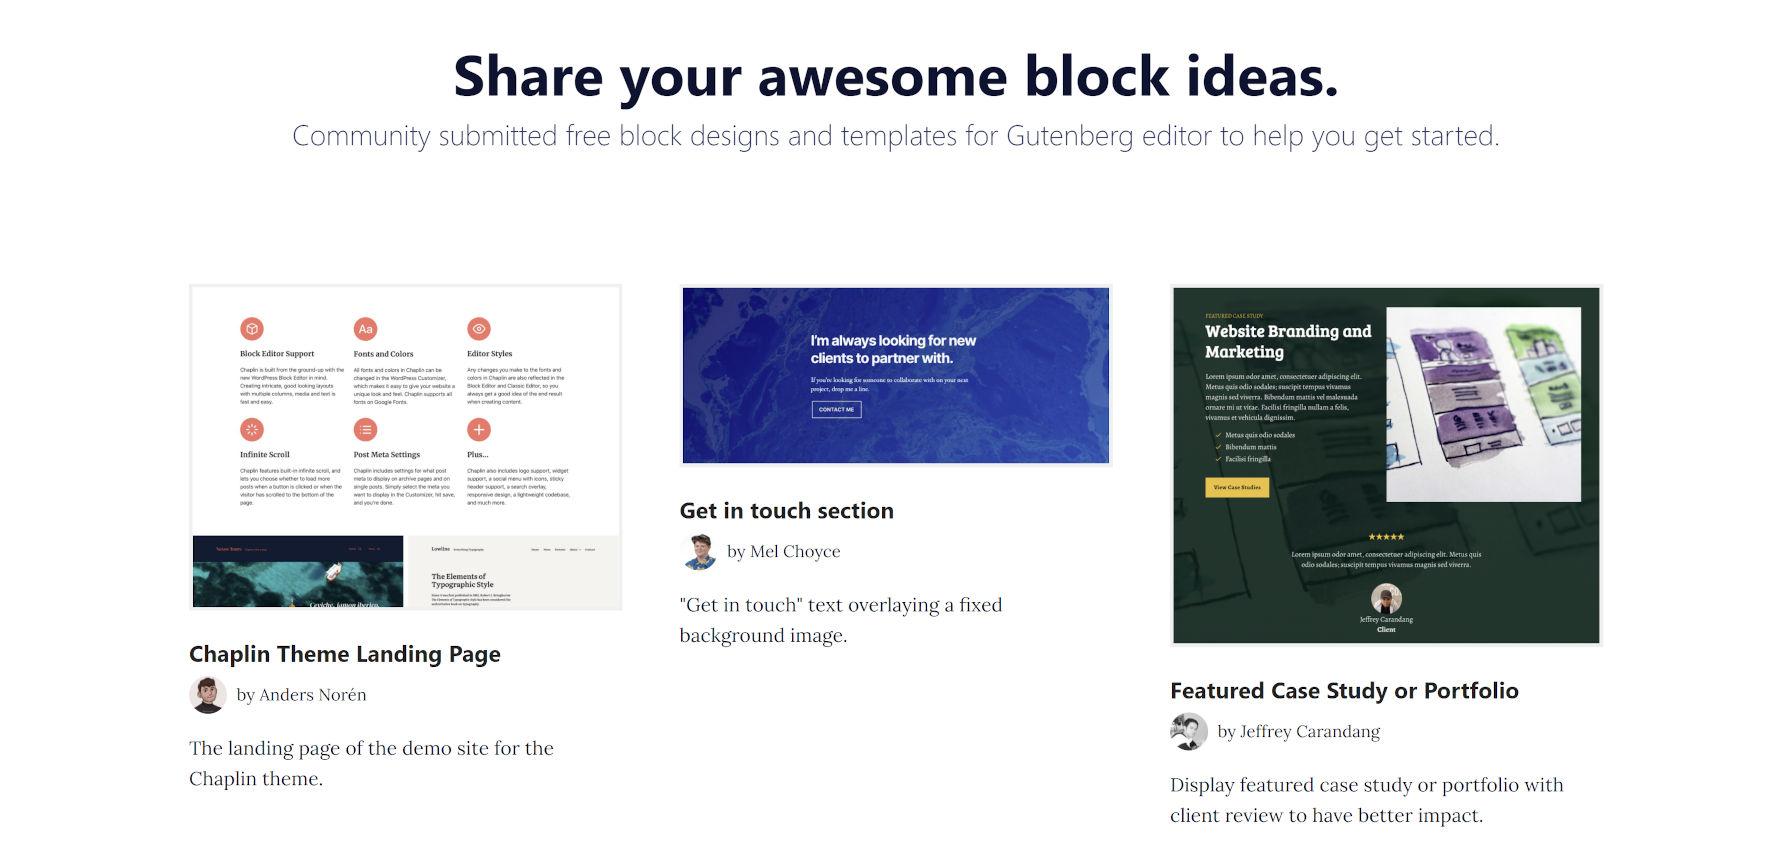 Capture d'écran de la page d'accueil du site Web ShareABlock.  Il propose des modèles de blocs téléchargeables.